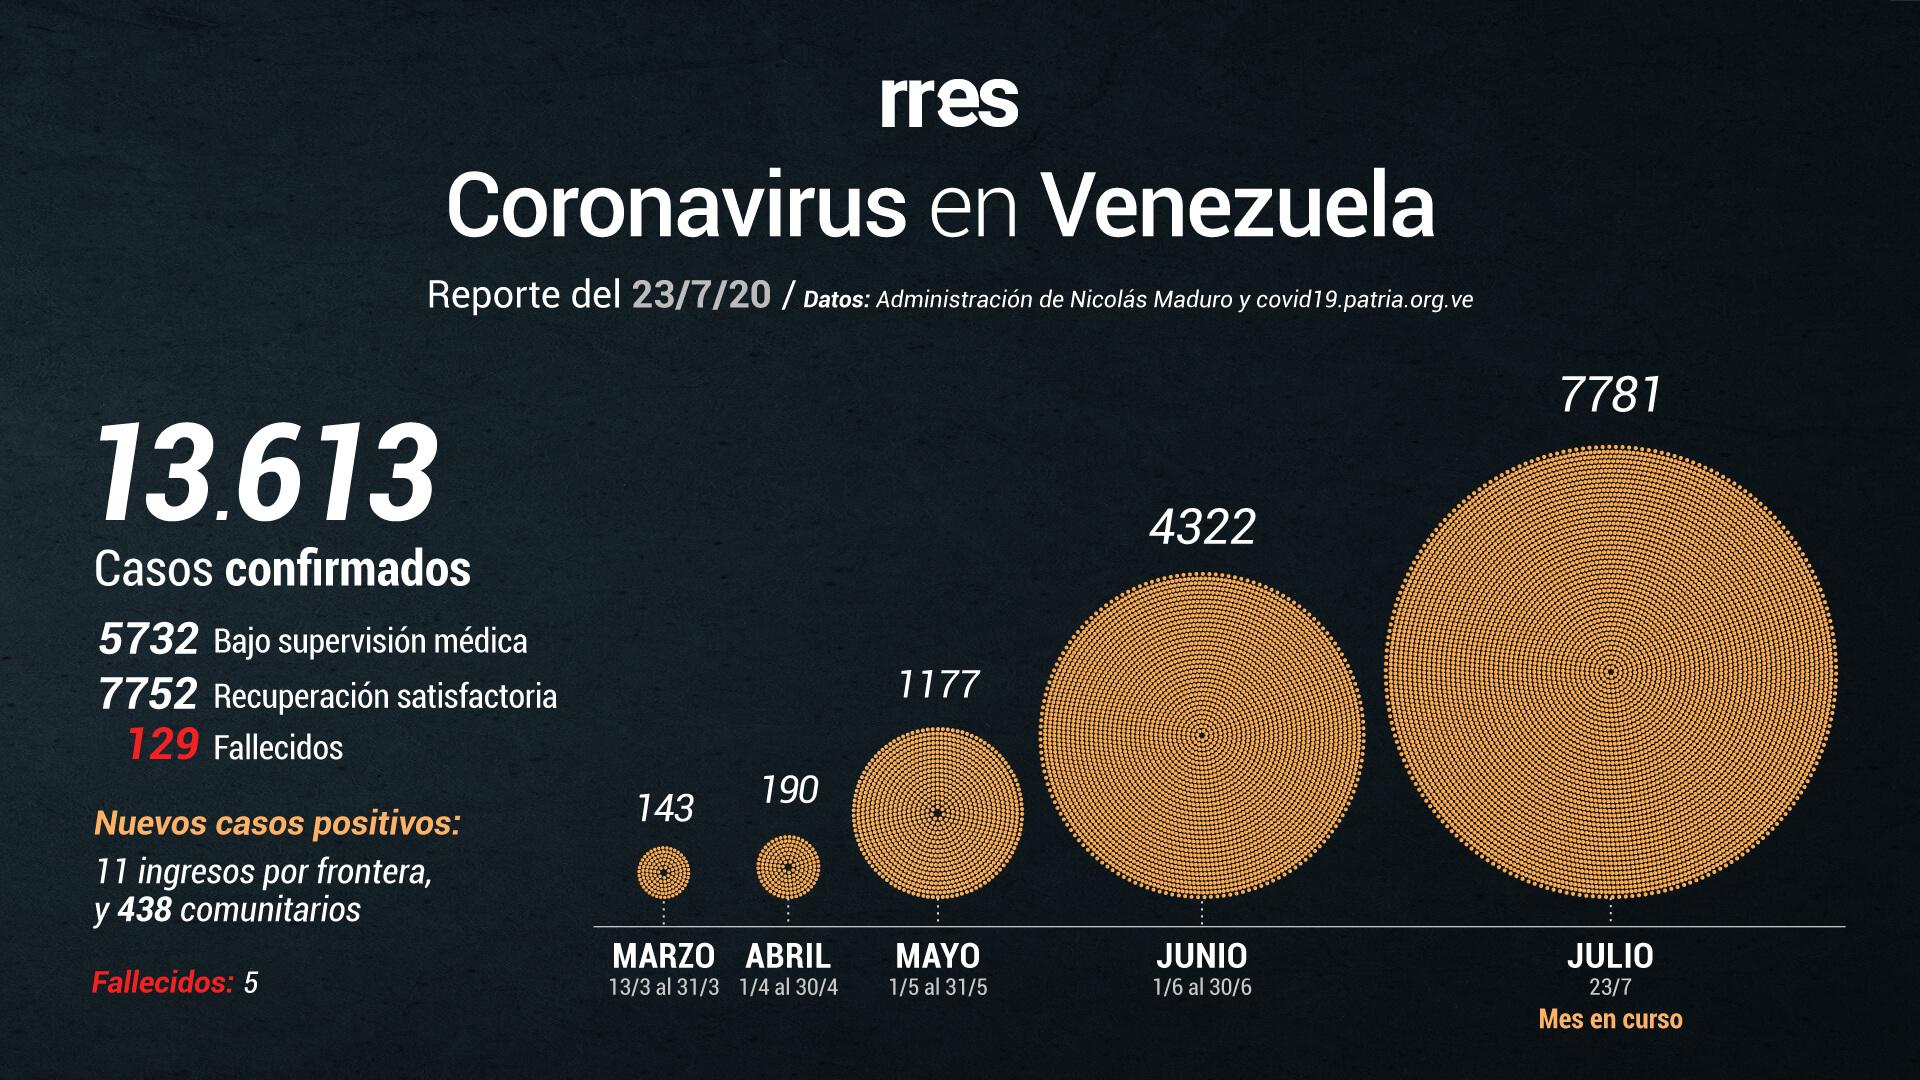 Venezuela registra récord de muertes y de contagios por COVID-19 este #23Jul